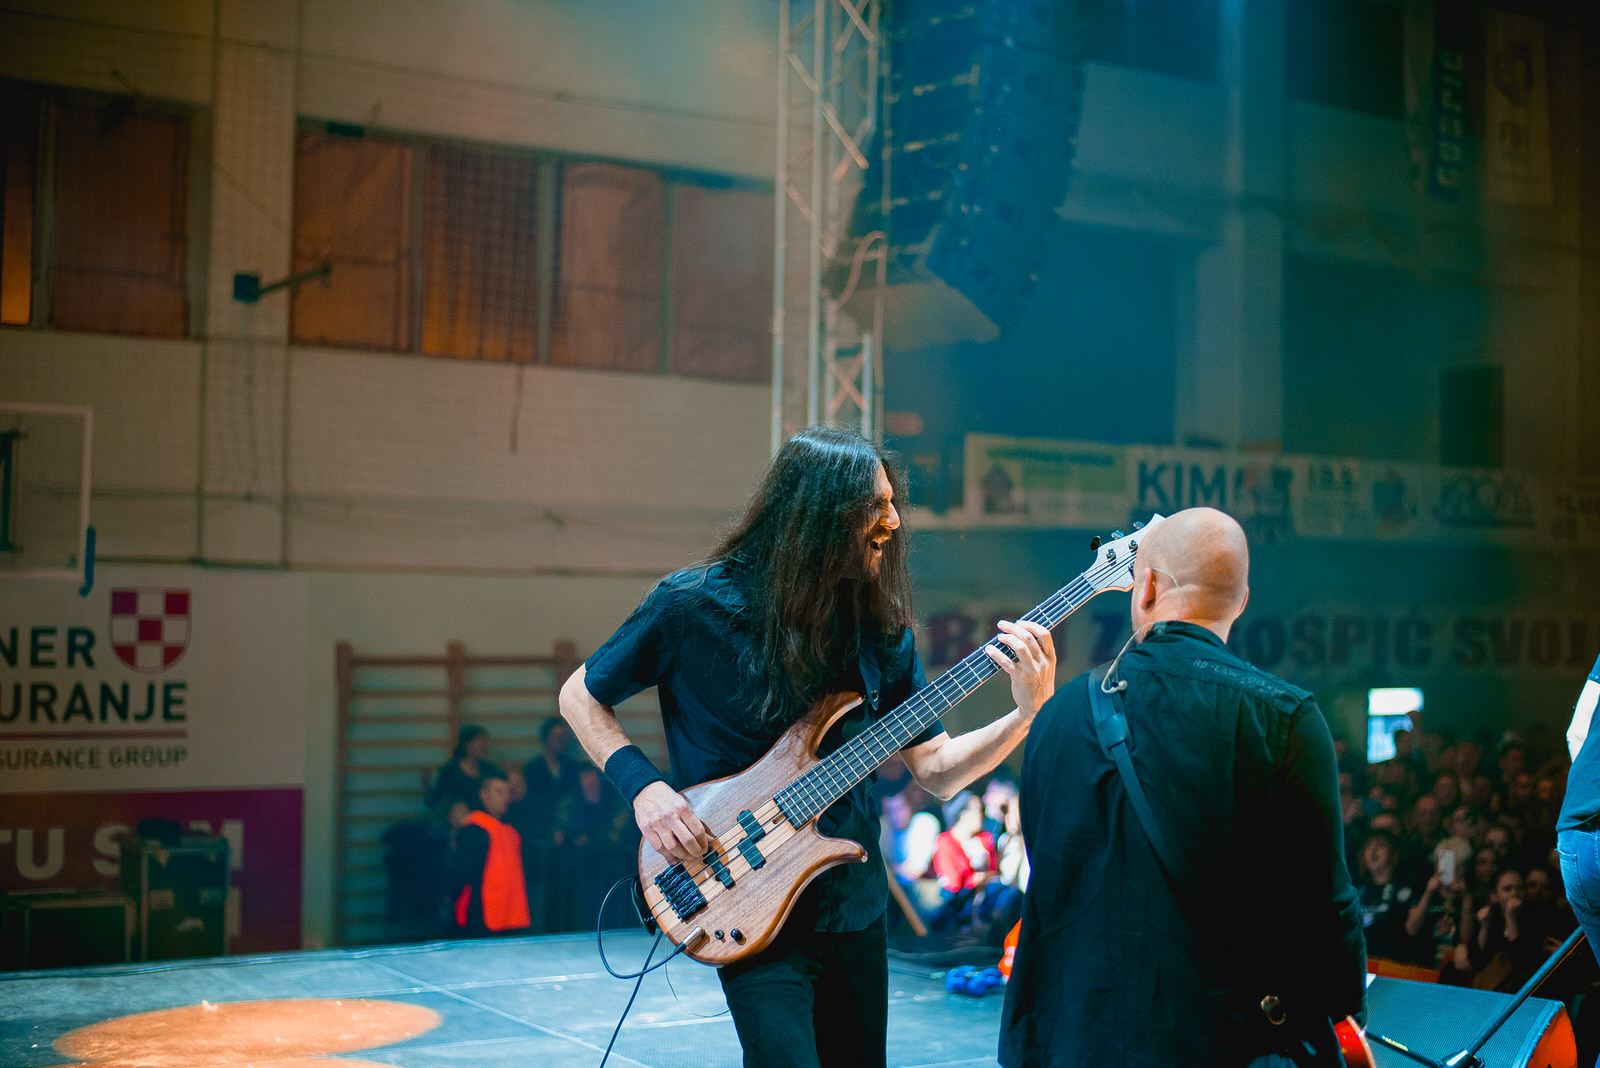 likaclub_gospić_koncert-thompson_2018-28